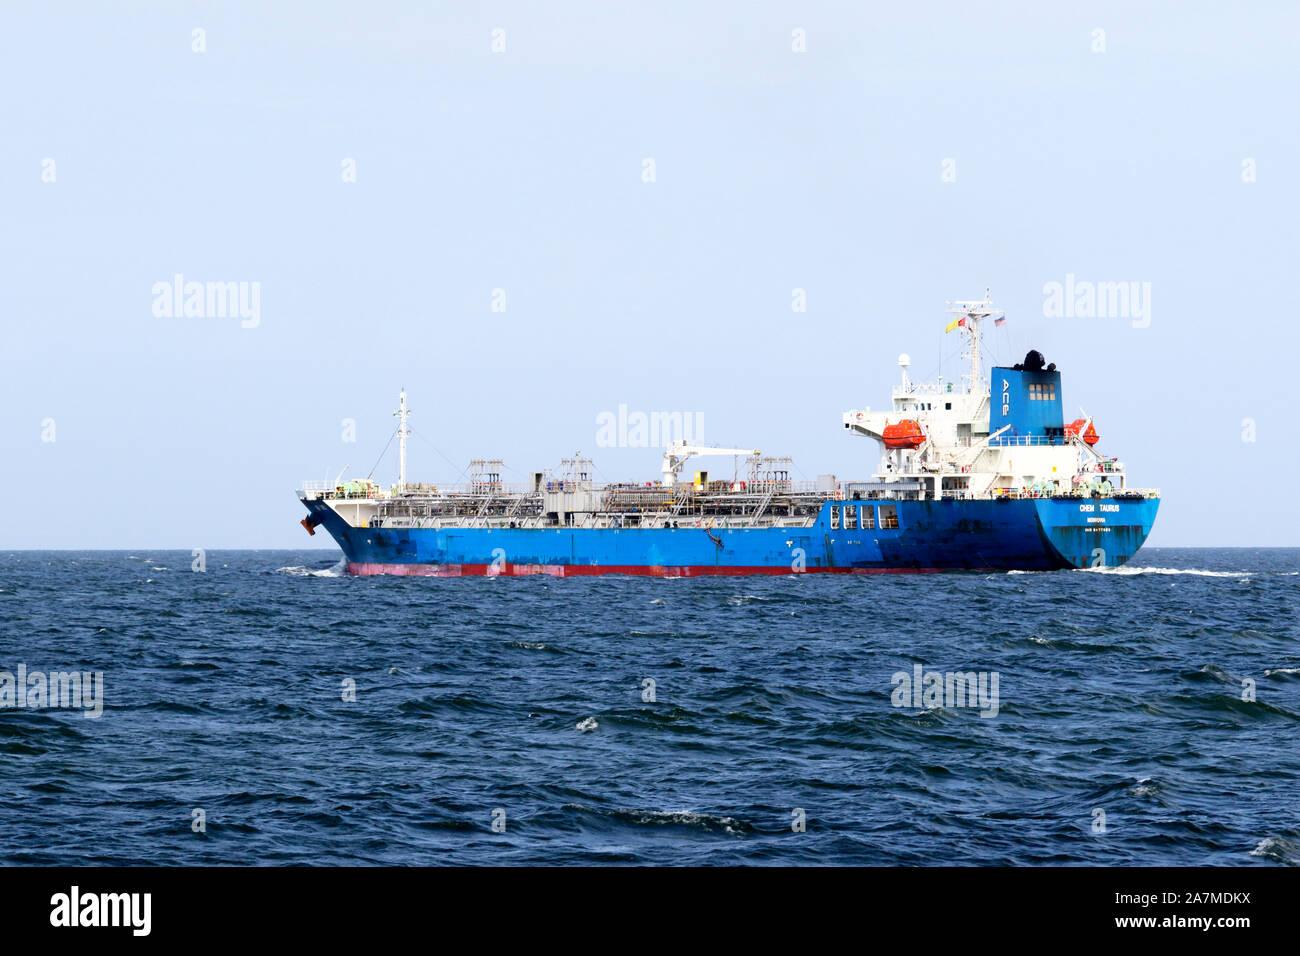 El Chem cisterna Taurus. Un aceite/quimiquero surcando la Bahía Delaware hacia el puerto de Filadelfia, Pensilvania, EE.UU. Foto de stock